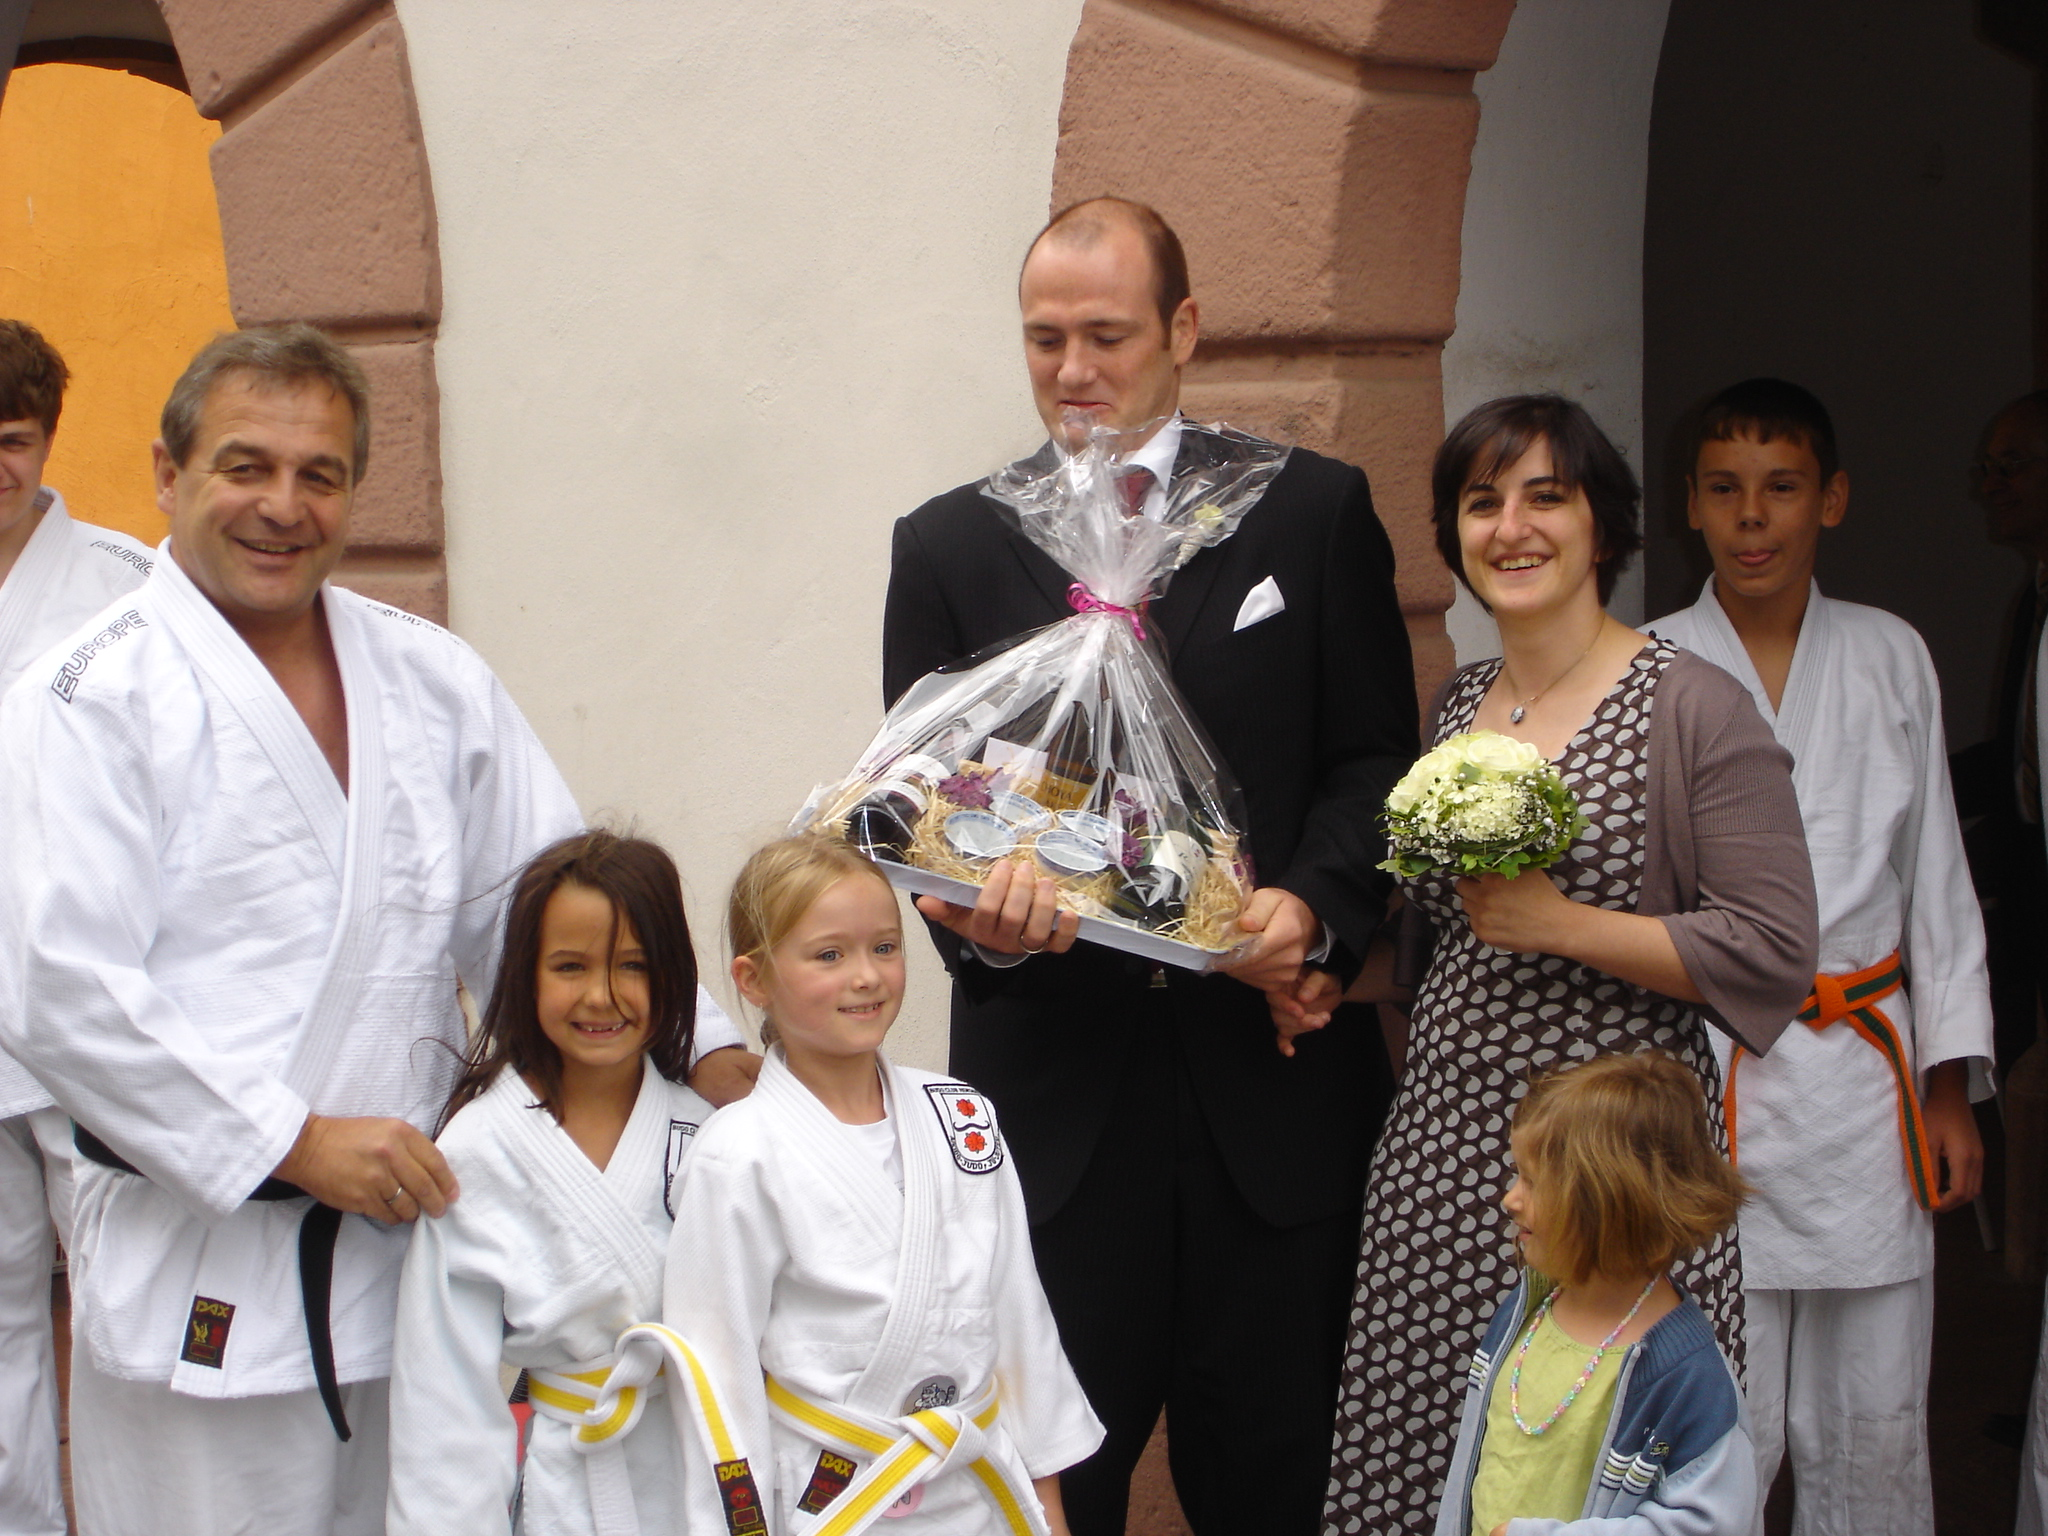 Baden-Württembergische Judoehe